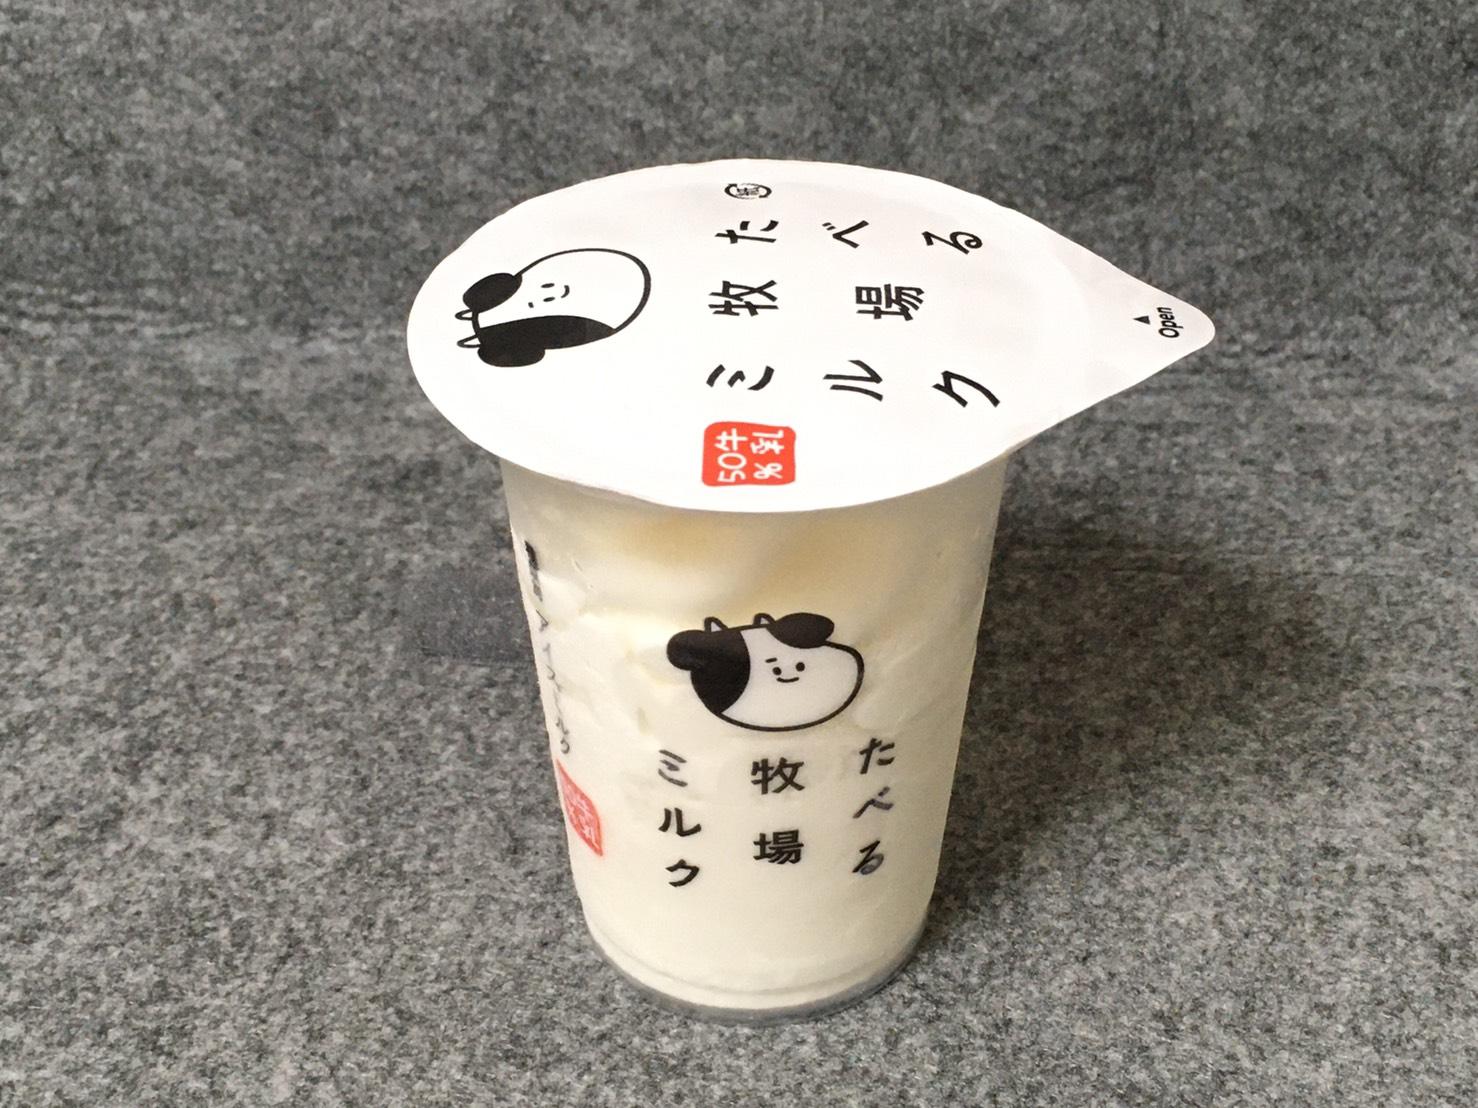 ファミリーマート限定 たべる牧場ミルク